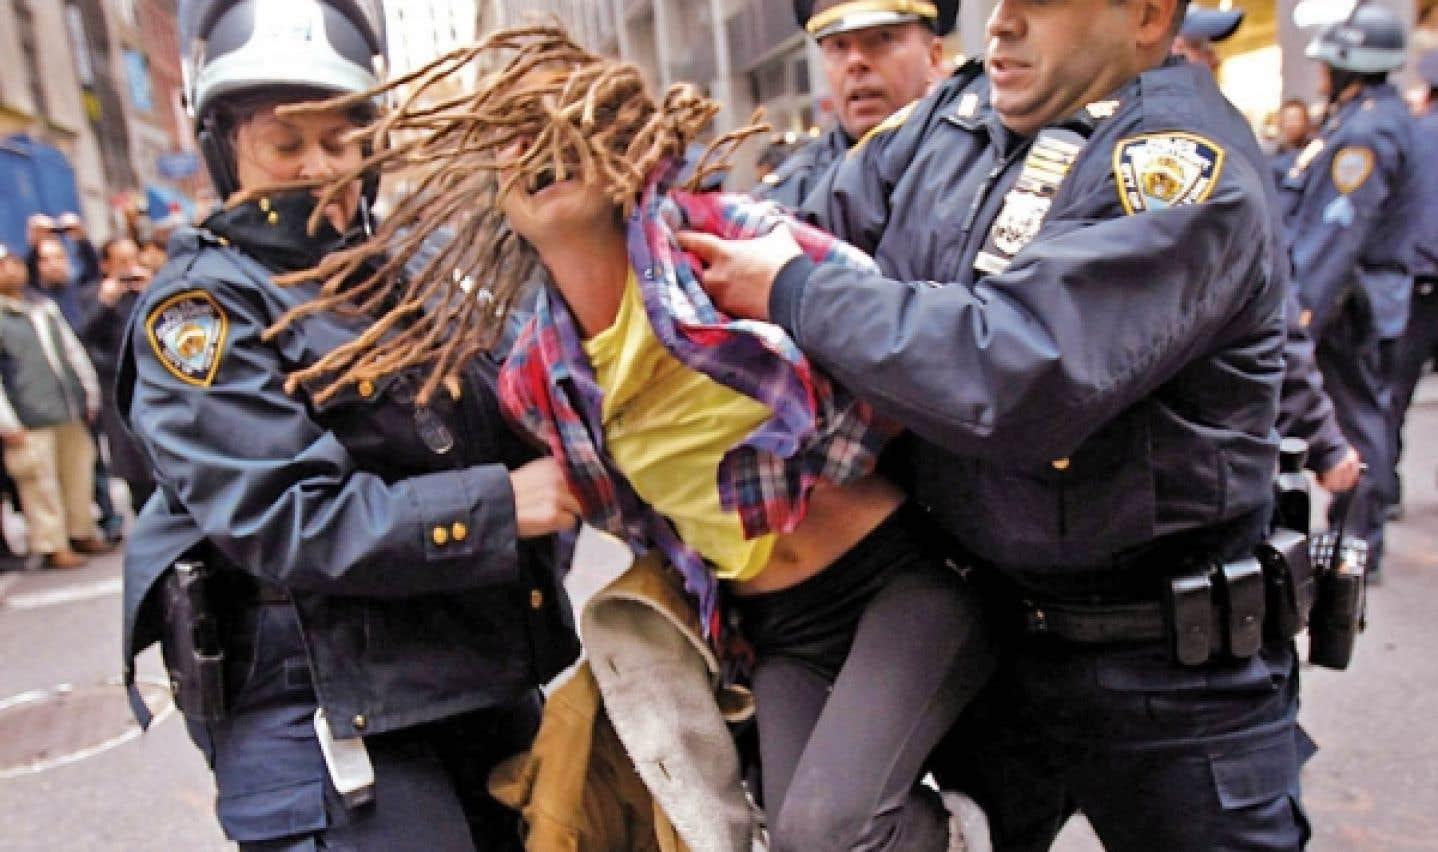 Des policiers de New York arrêtent un protestataire au cours d'une «journée d'action» du mouvement Occupy Wall Street, le 17 novembre dernier.